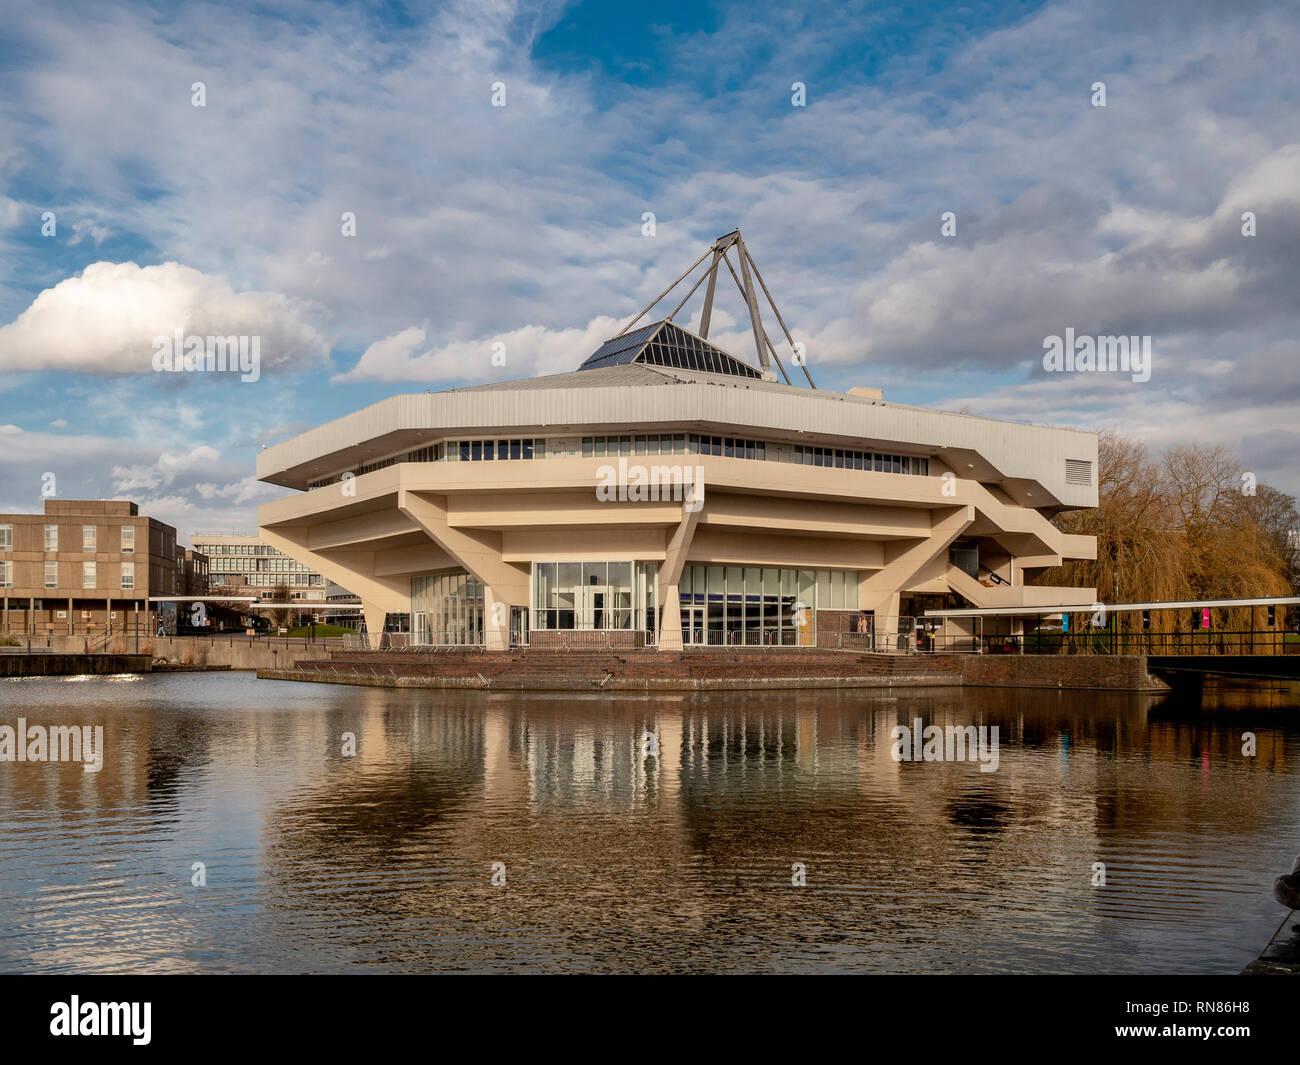 La sala centrale e il lago a York University, Regno Unito. Esempio di architettura Brutalist dagli anni sessanta Immagini Stock